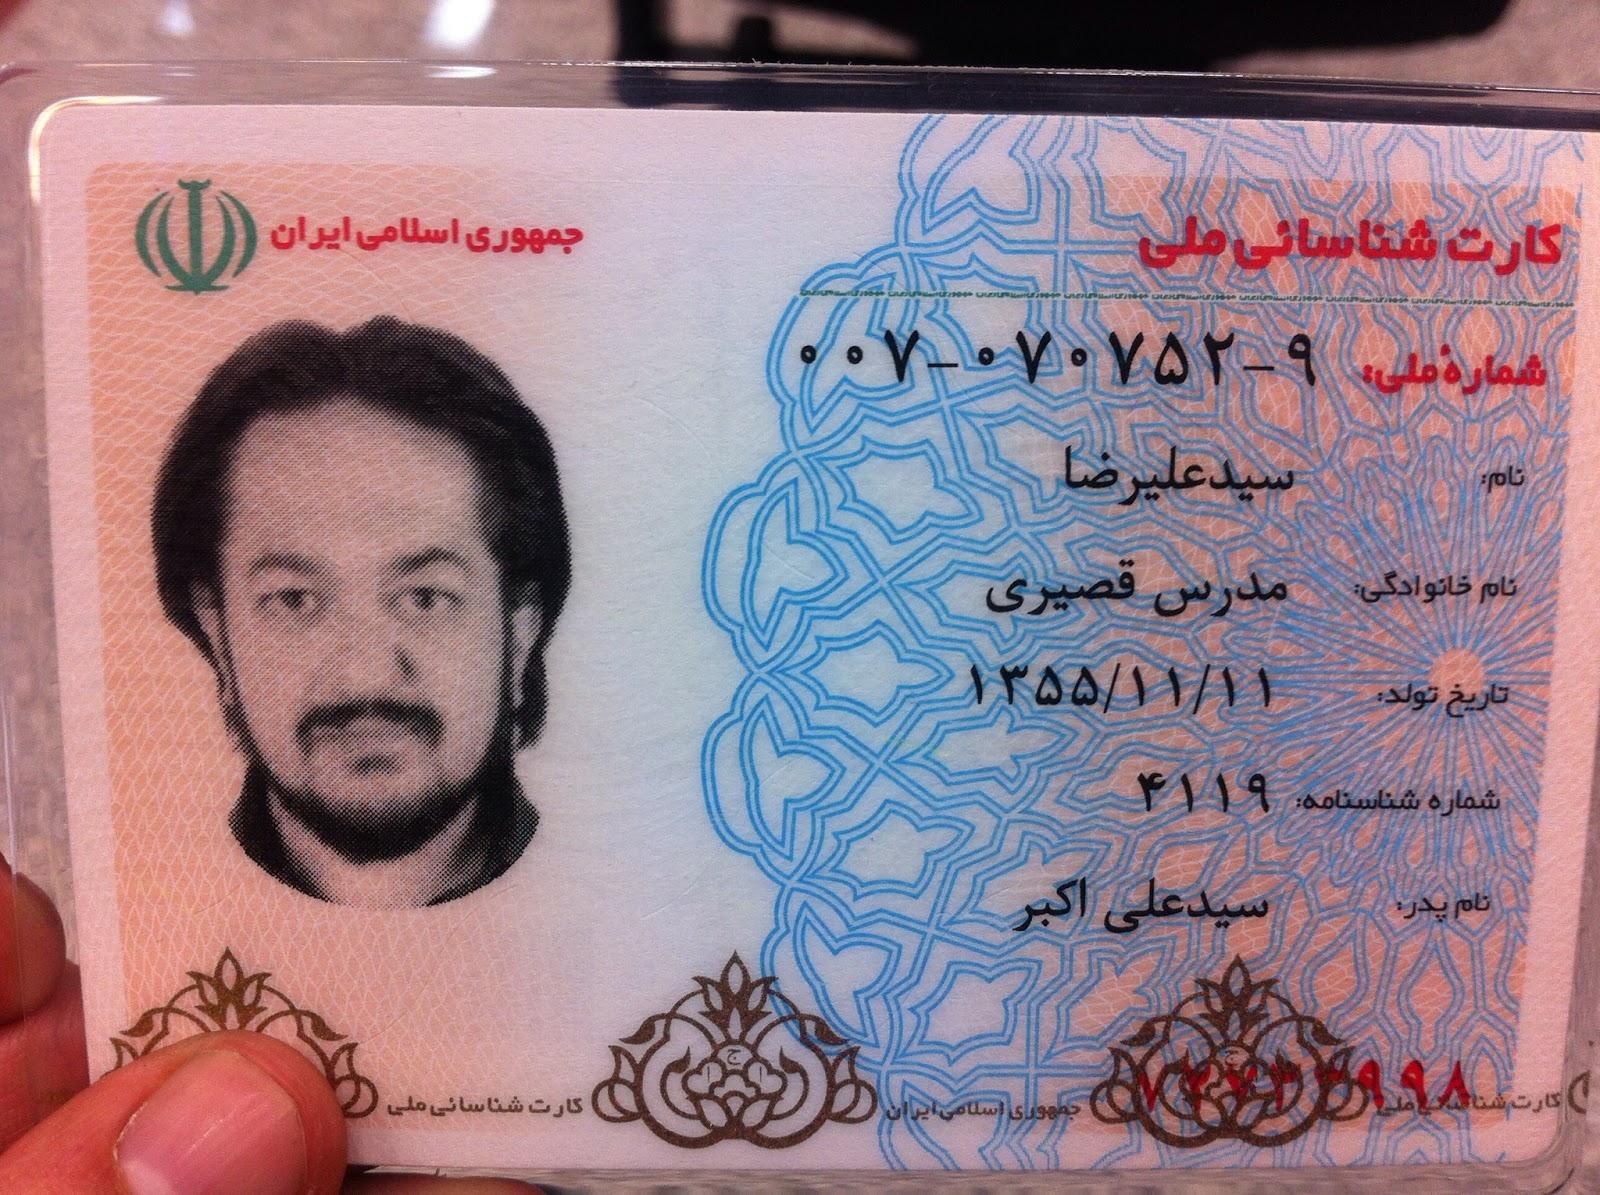 برنامه ساخت کارت ملی جعلی همشهری آنلاین: صدور کارت هوشمند ملی